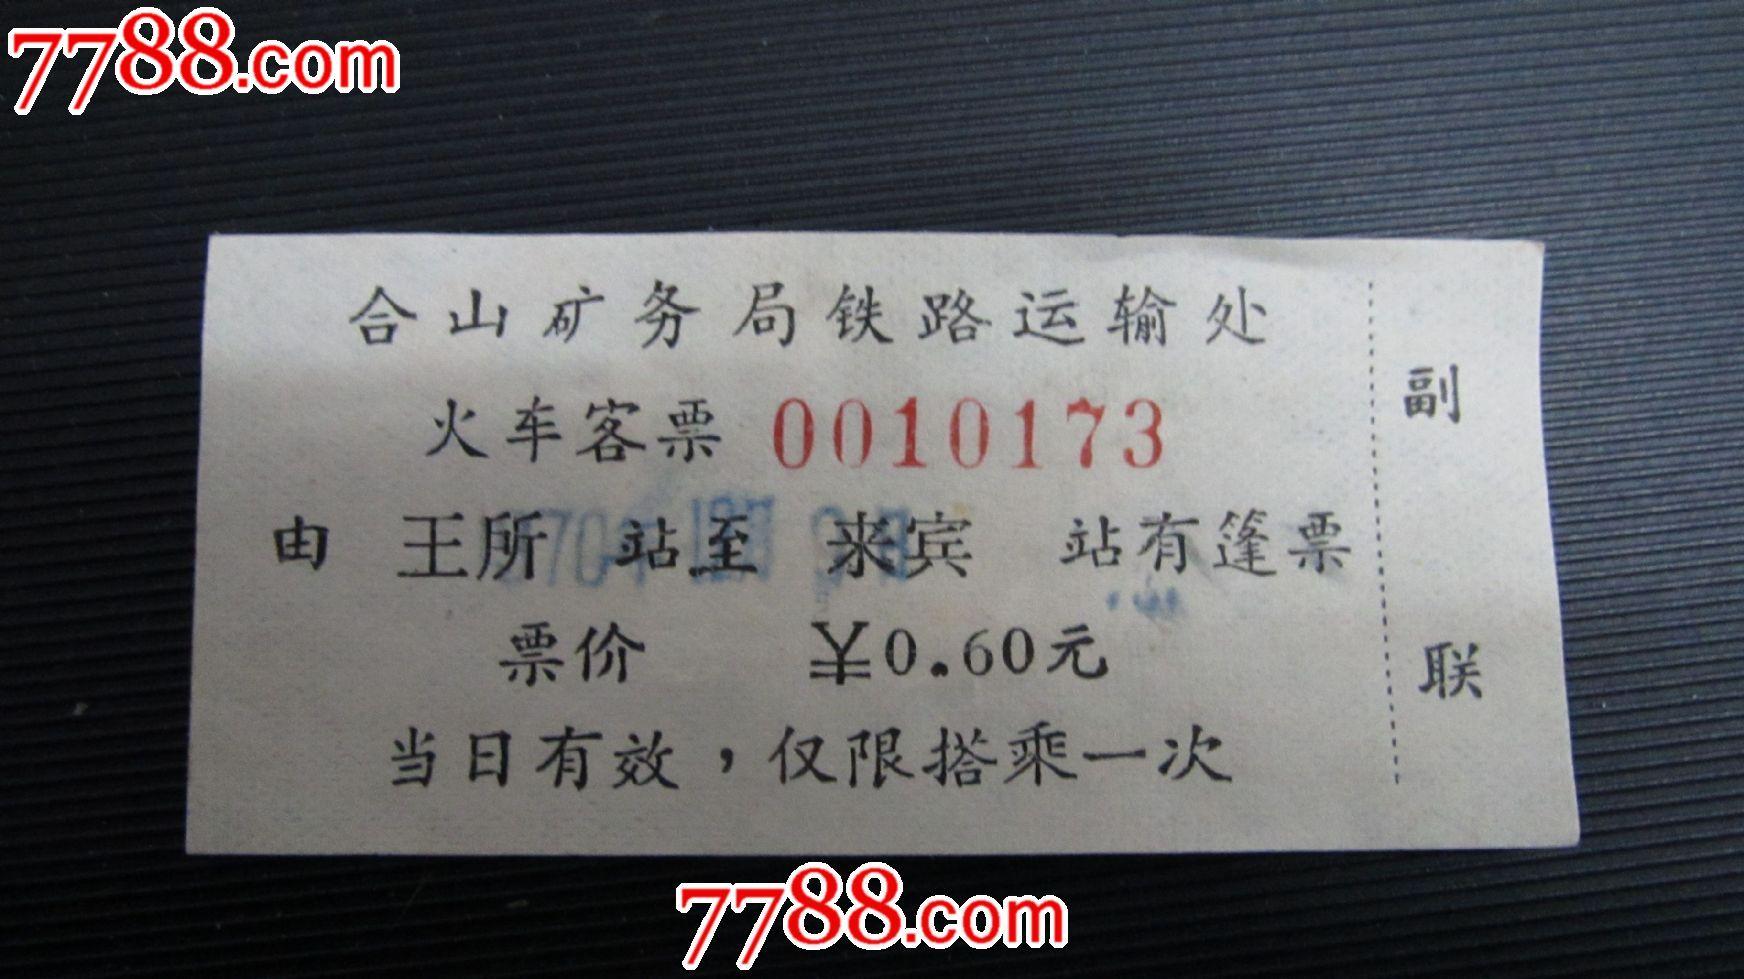 合山矿务局铁路运输处火车客票 王所 来宾 软纸票